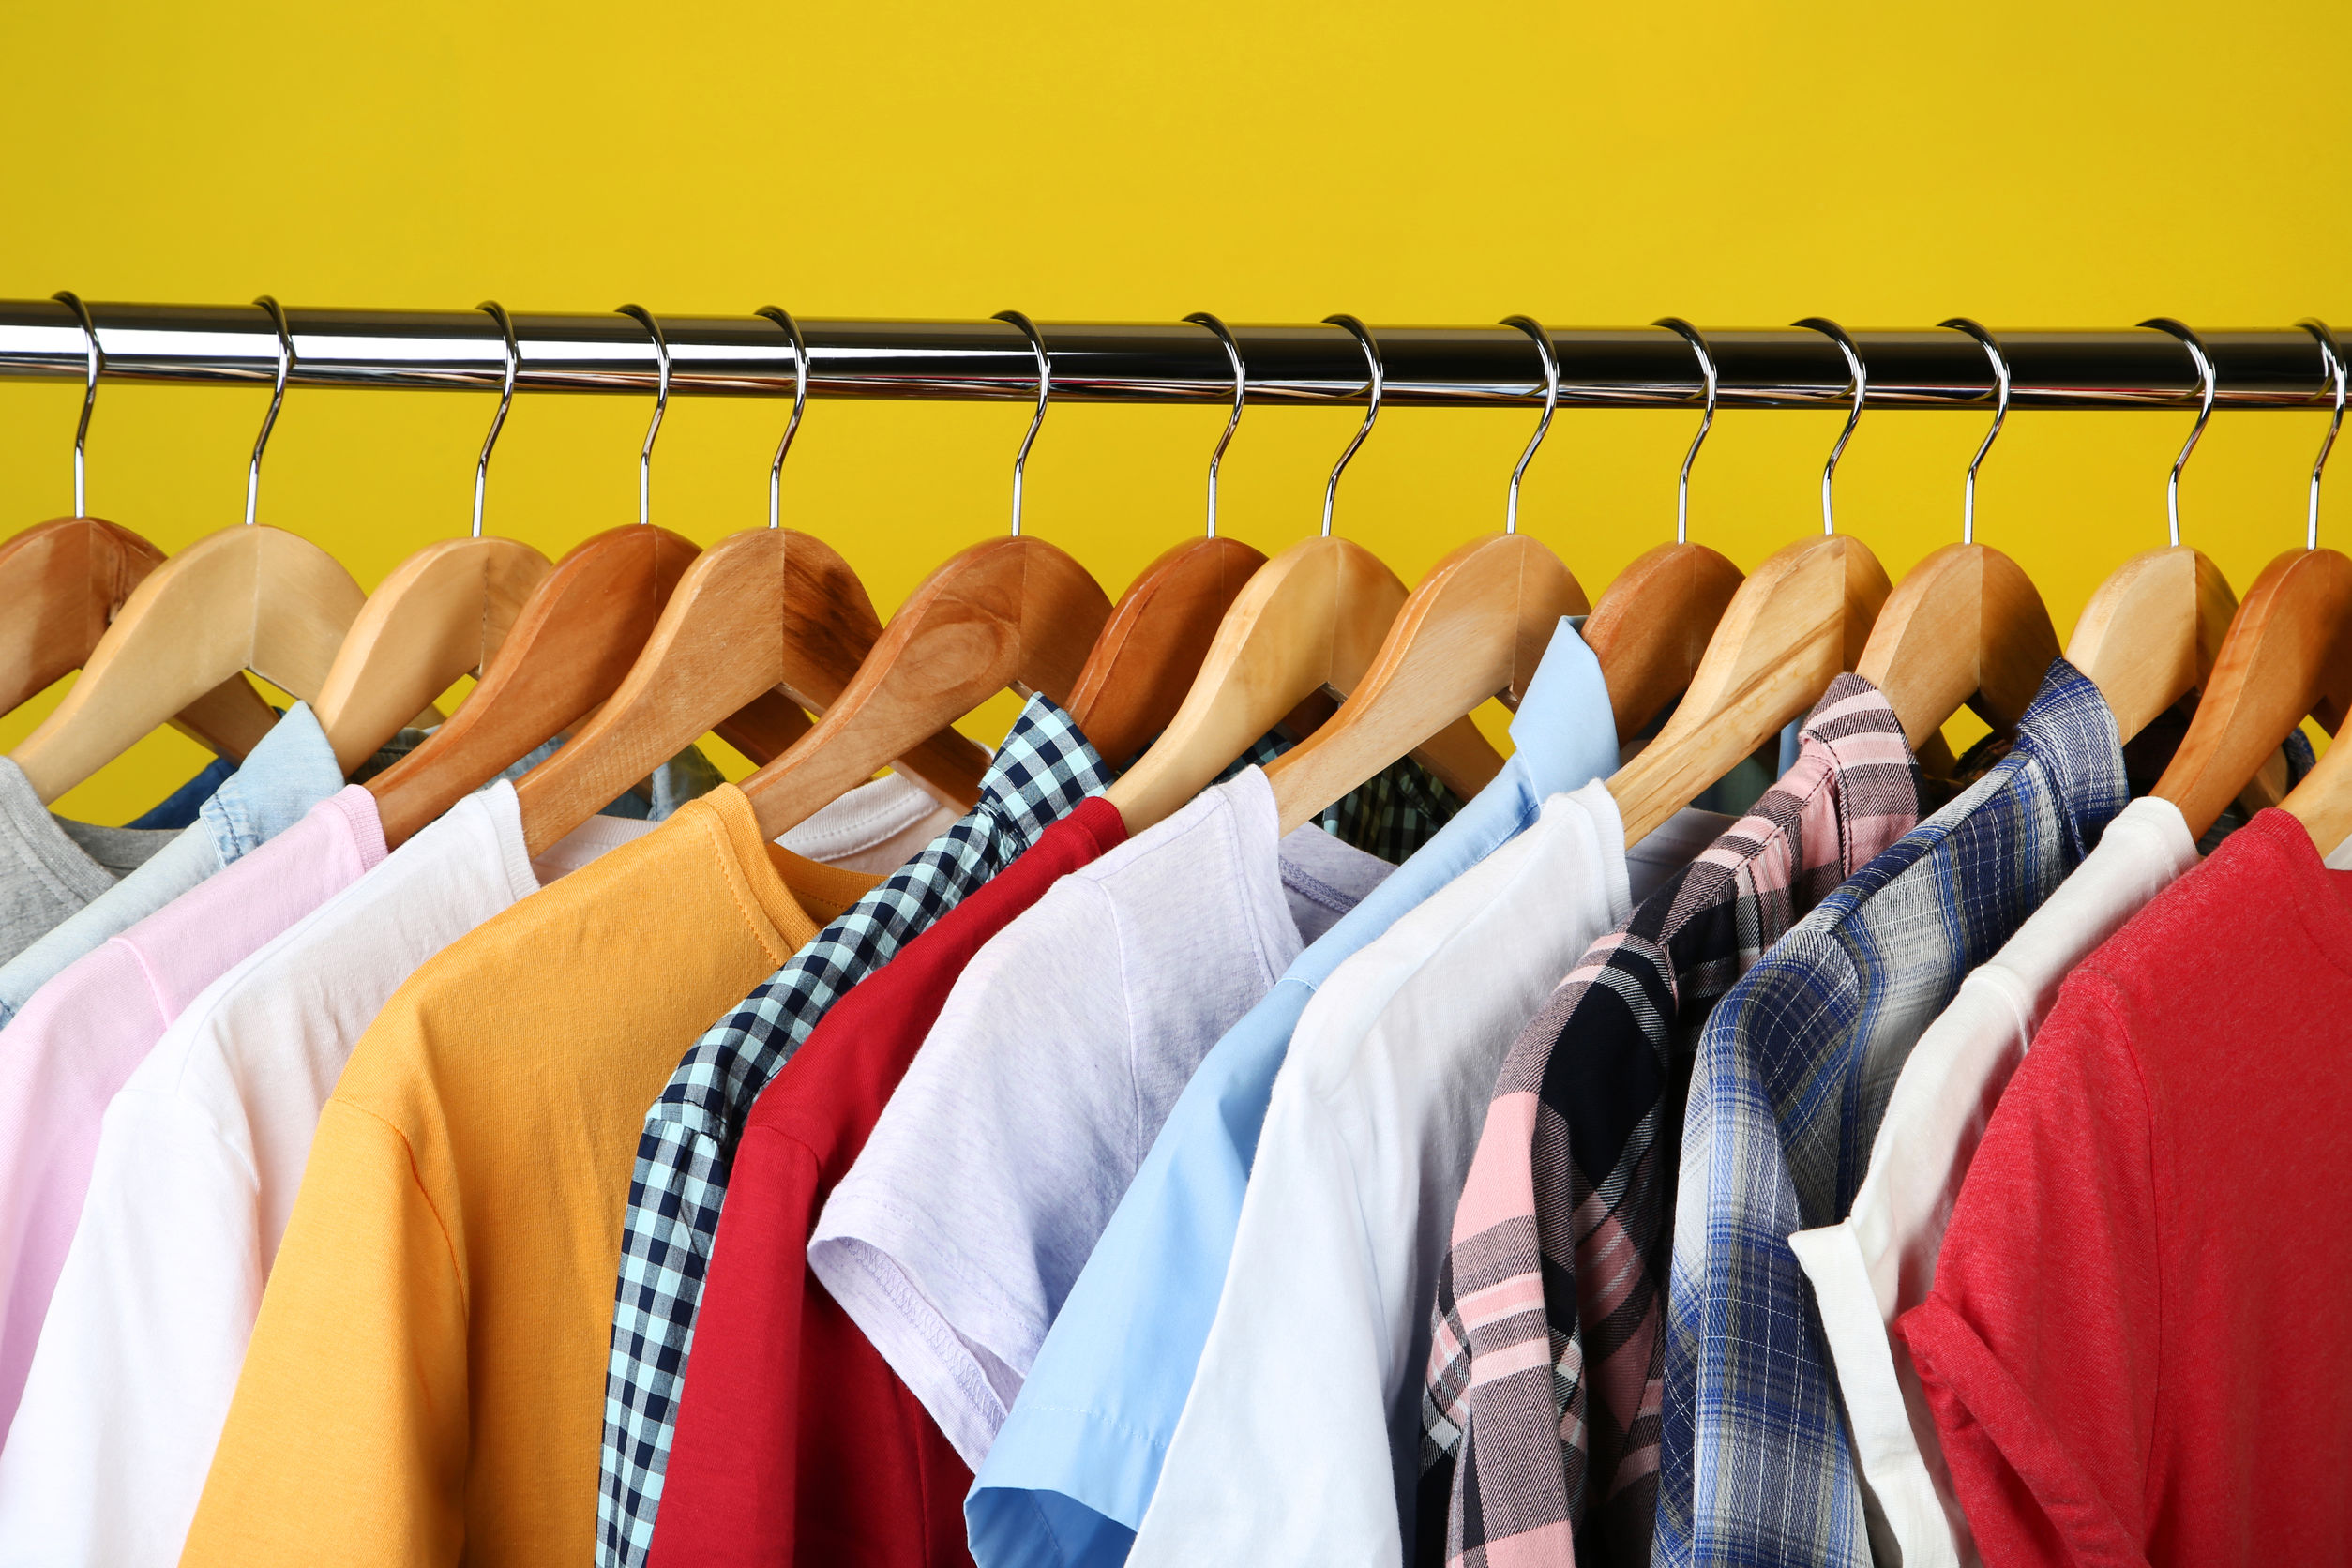 Kleiderständer: Test & Empfehlungen (11/20)